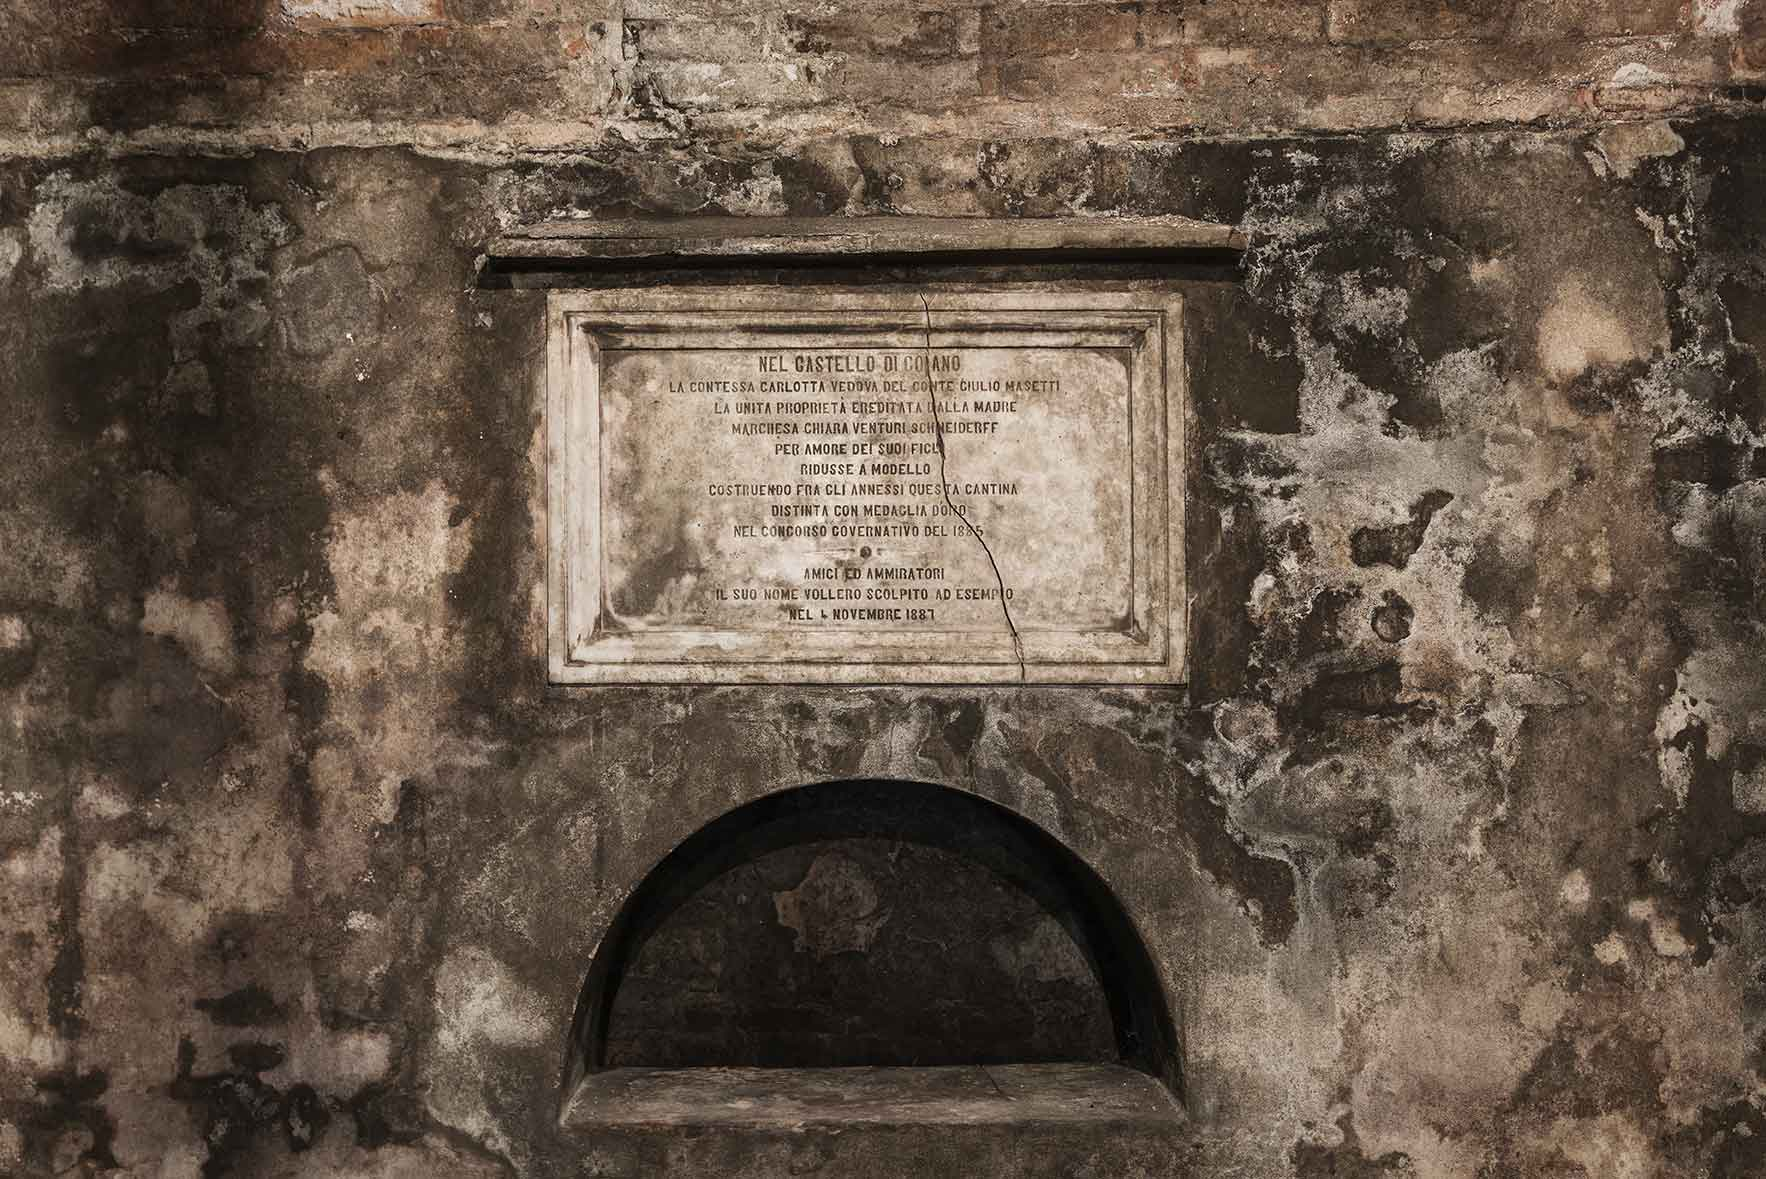 Storia Castello di Coiano, produzione vino rosso toscano e olio extravergine d'oliva